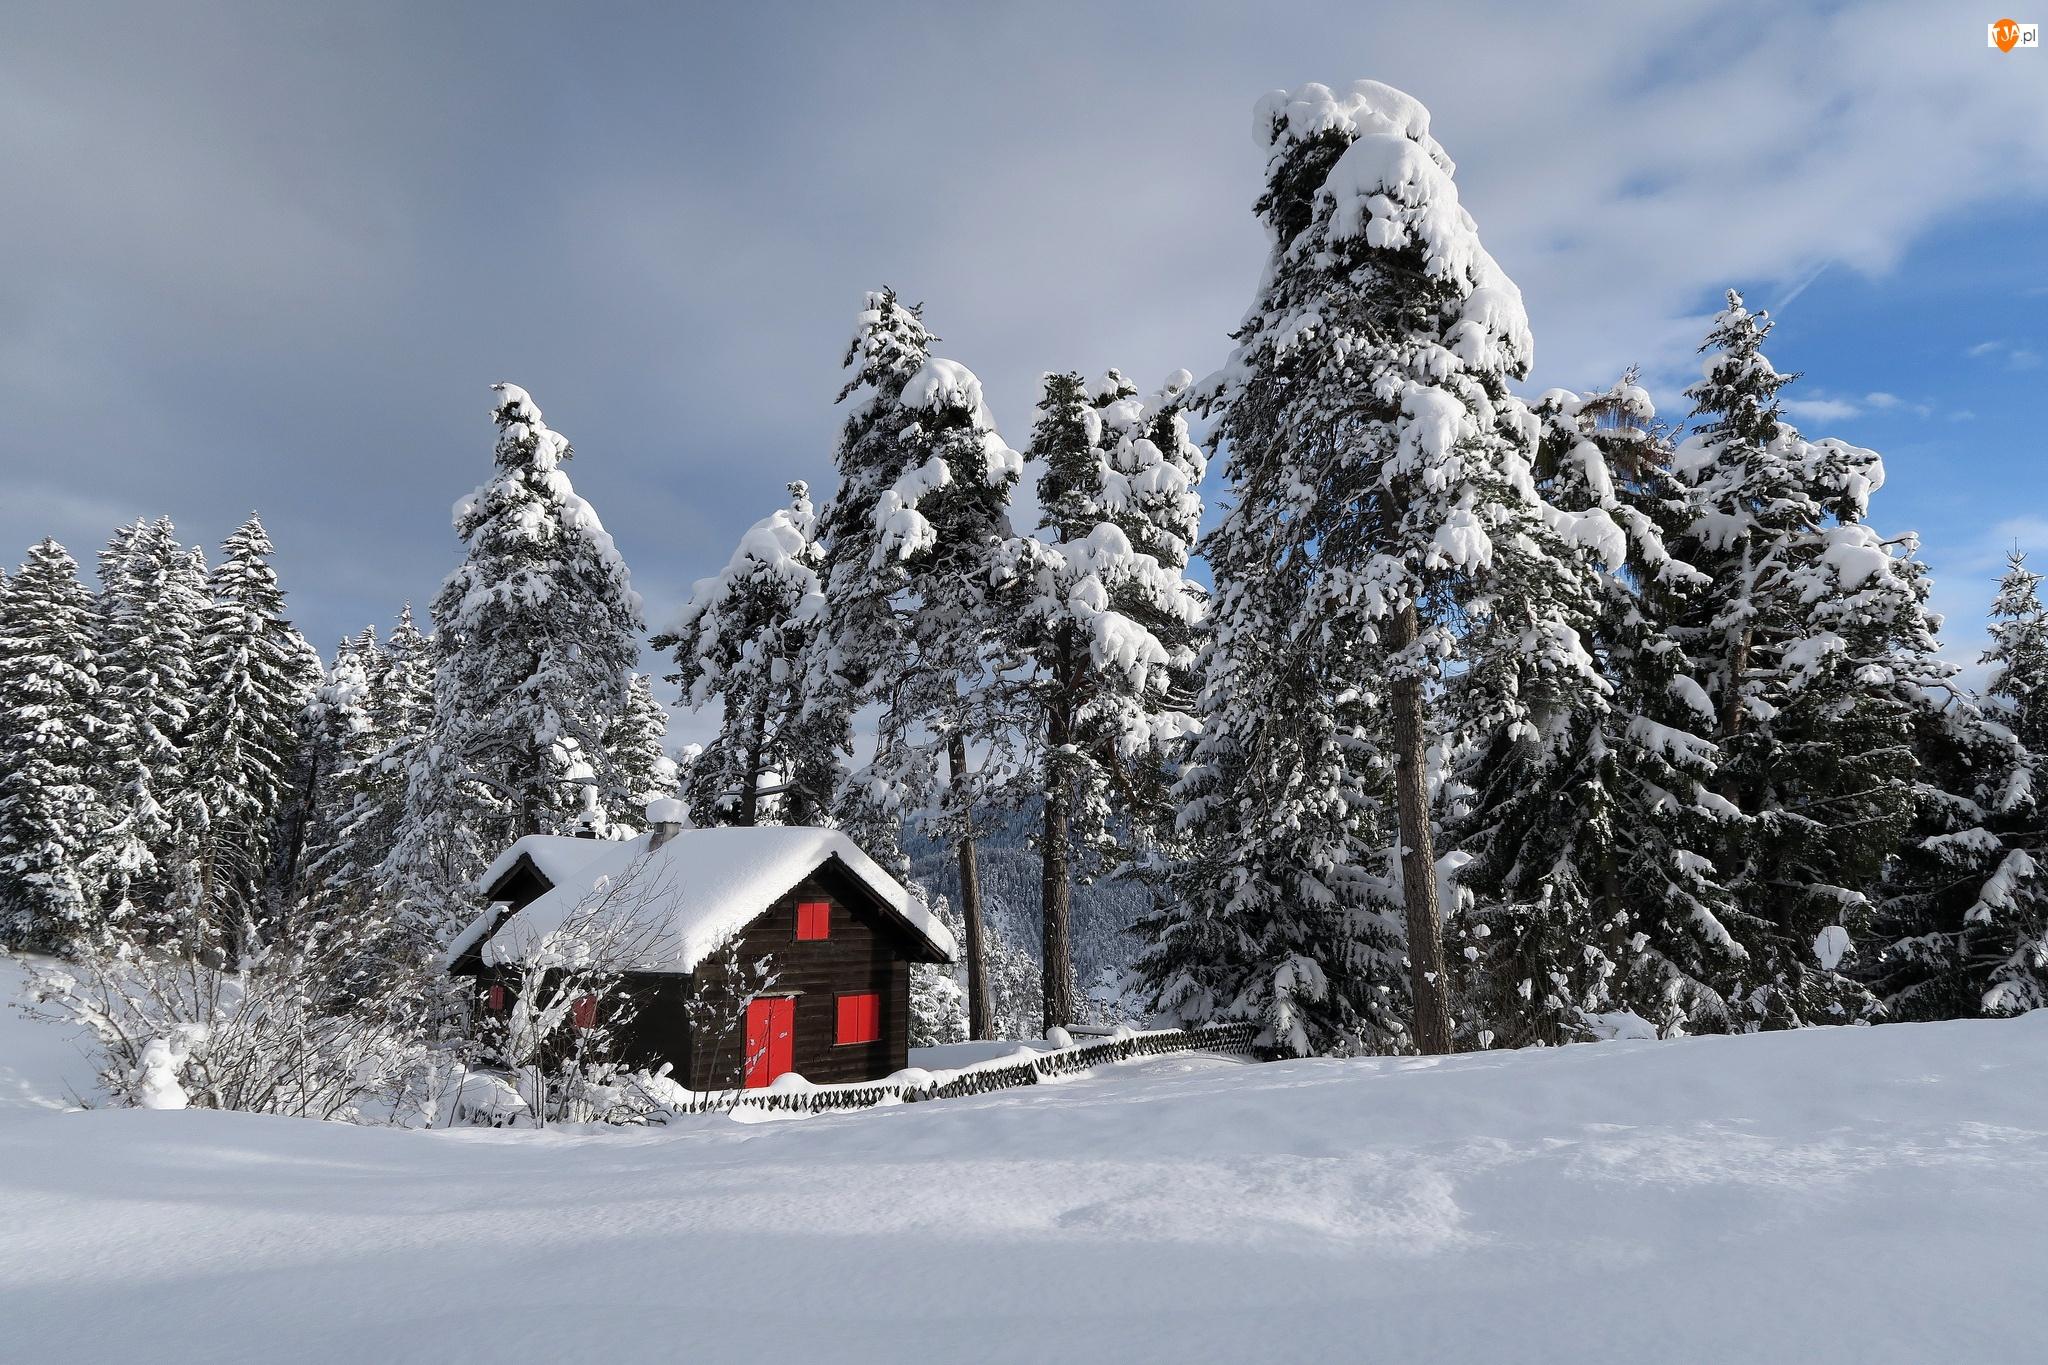 Ośnieżone, Zima, Czerwone Drzwi, Drzewa, Las, Okna, Chmury, Dom